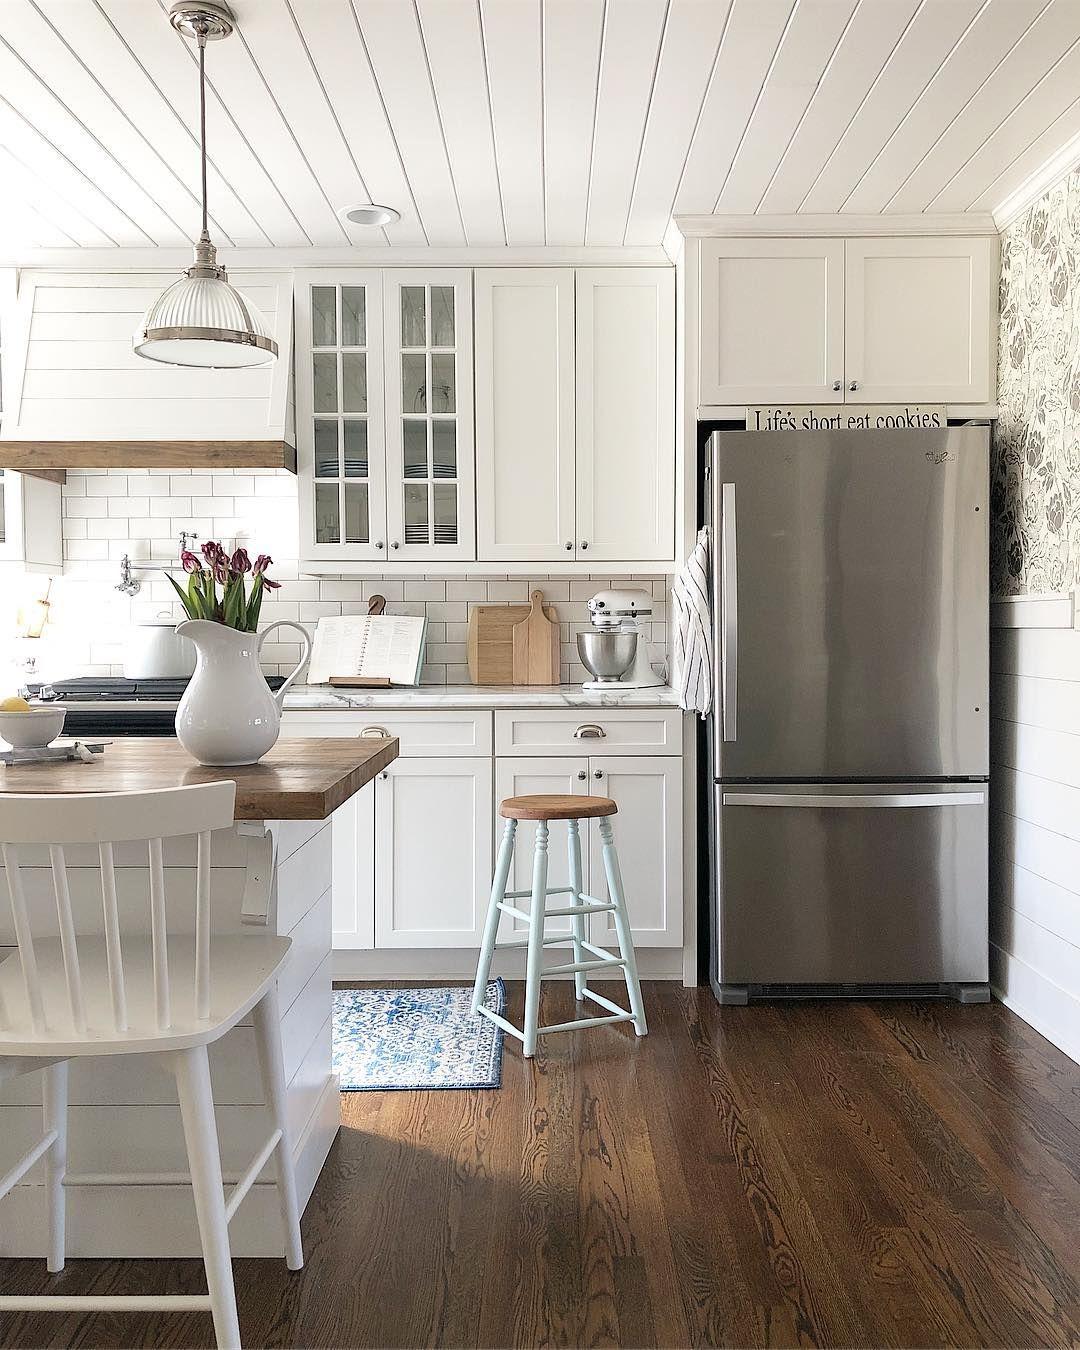 Pin von Rachel Faga auf kitchen. | Pinterest | Küchen inspiration ...